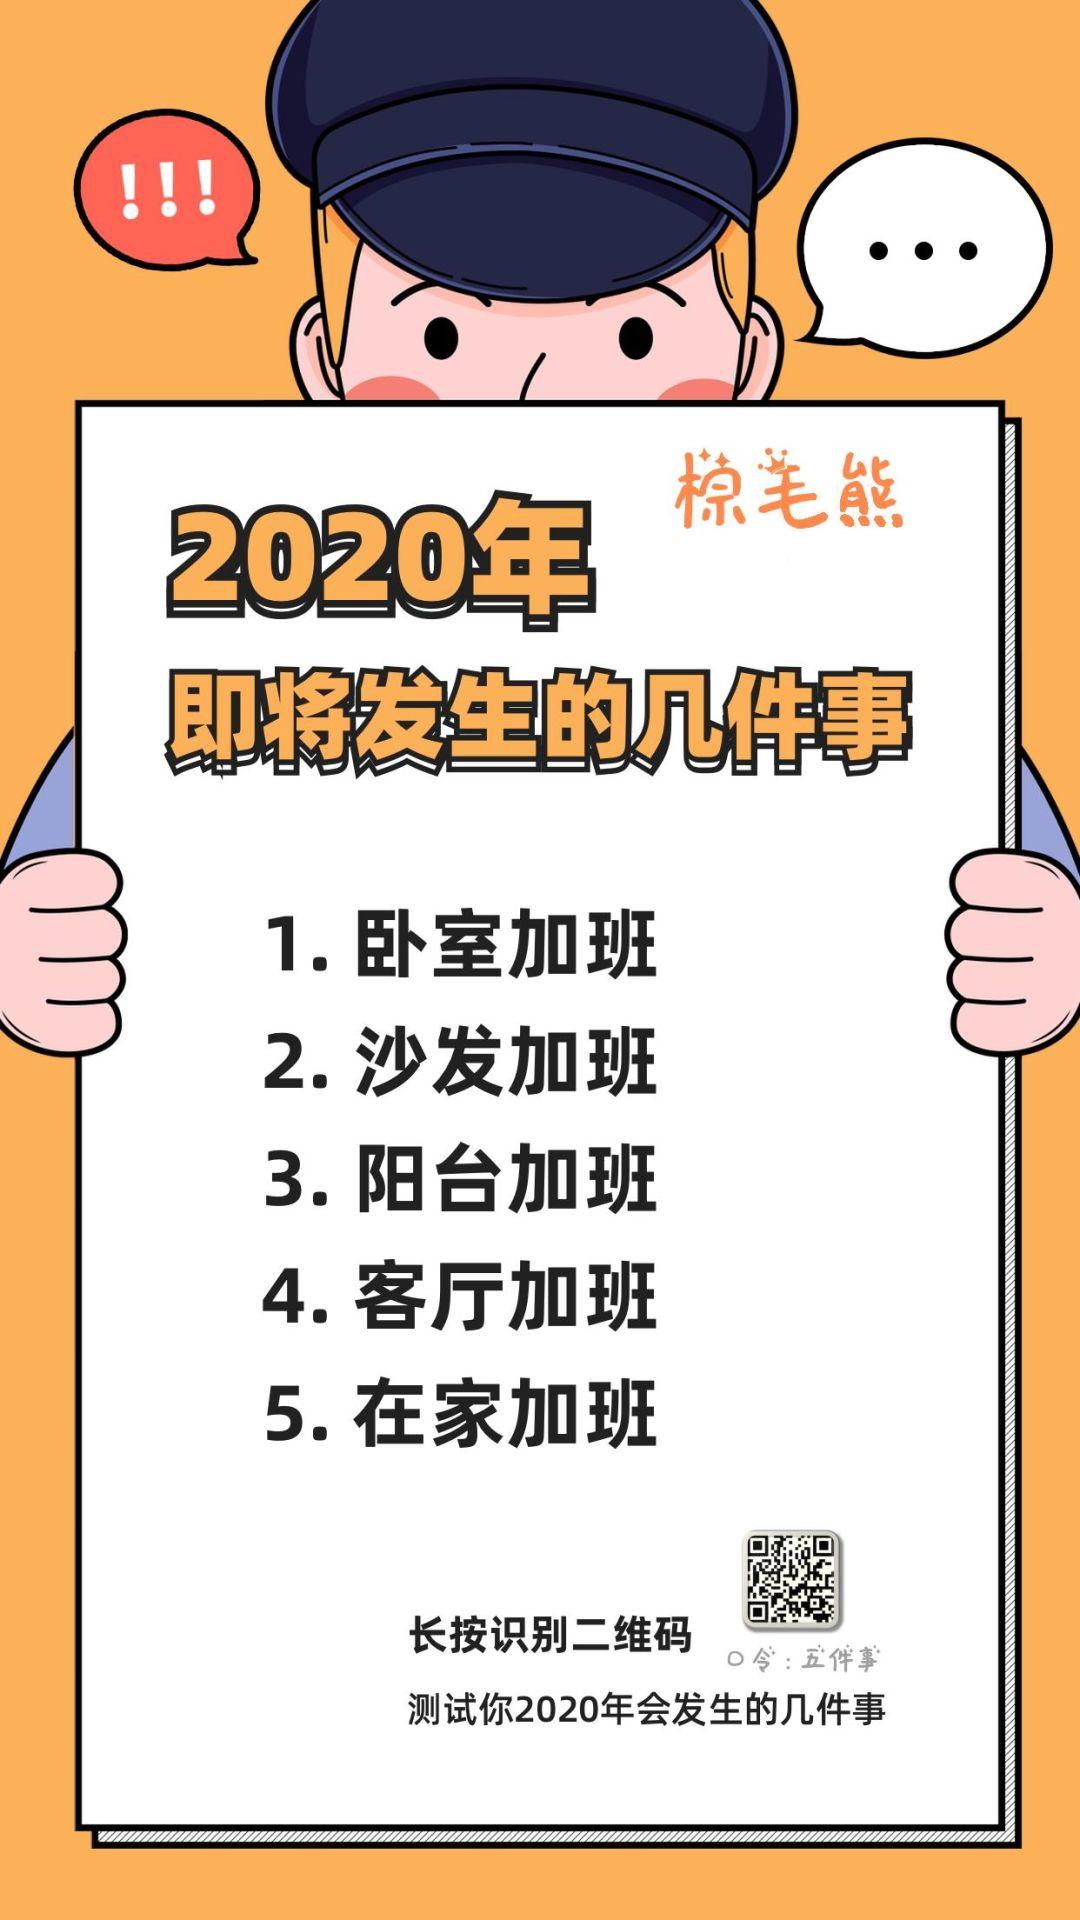 2020最新趣味测试:测一测你2020年即将发送的几件事